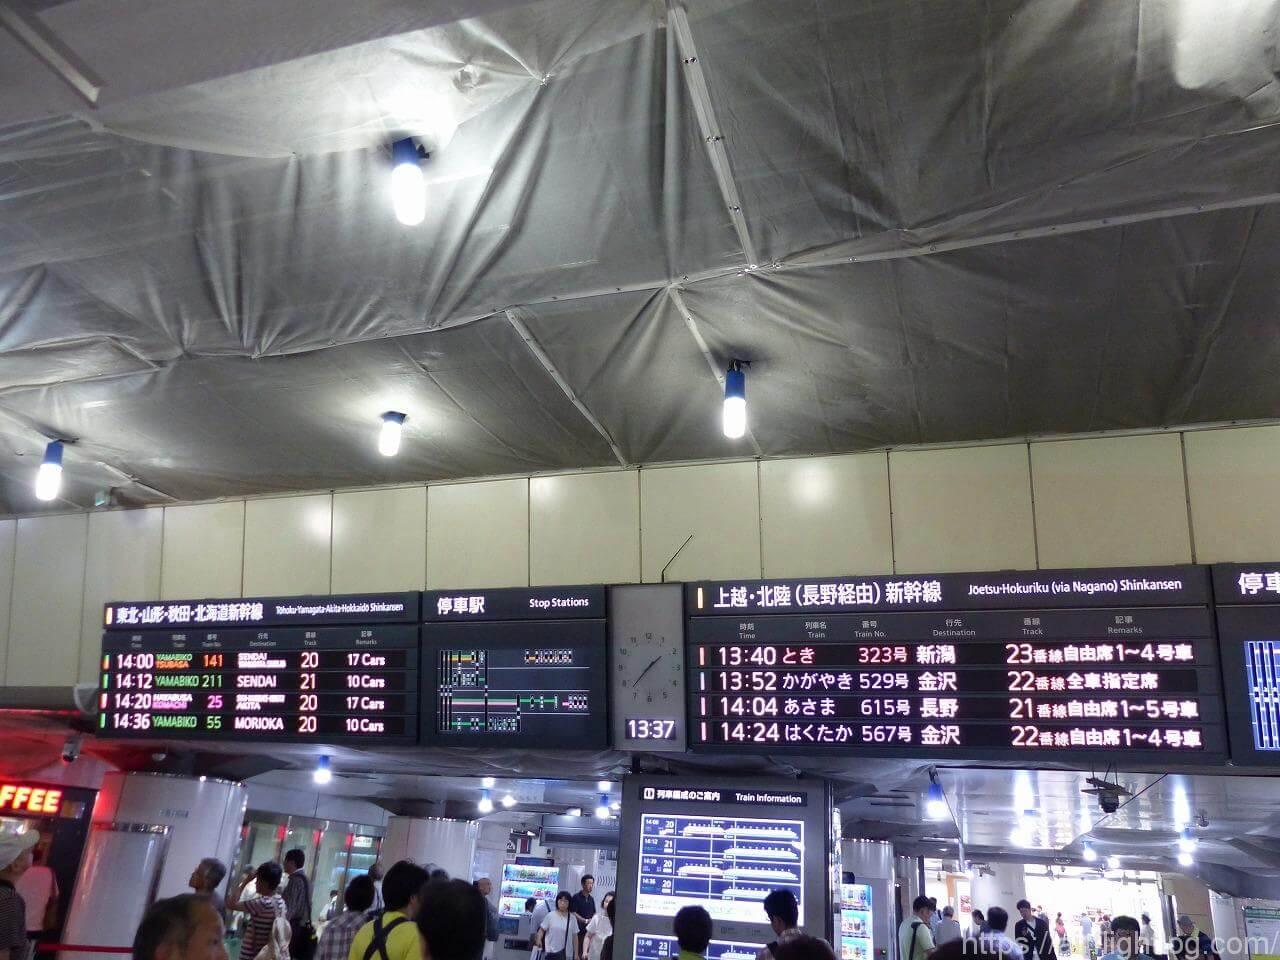 JR東日本新幹線コンコース